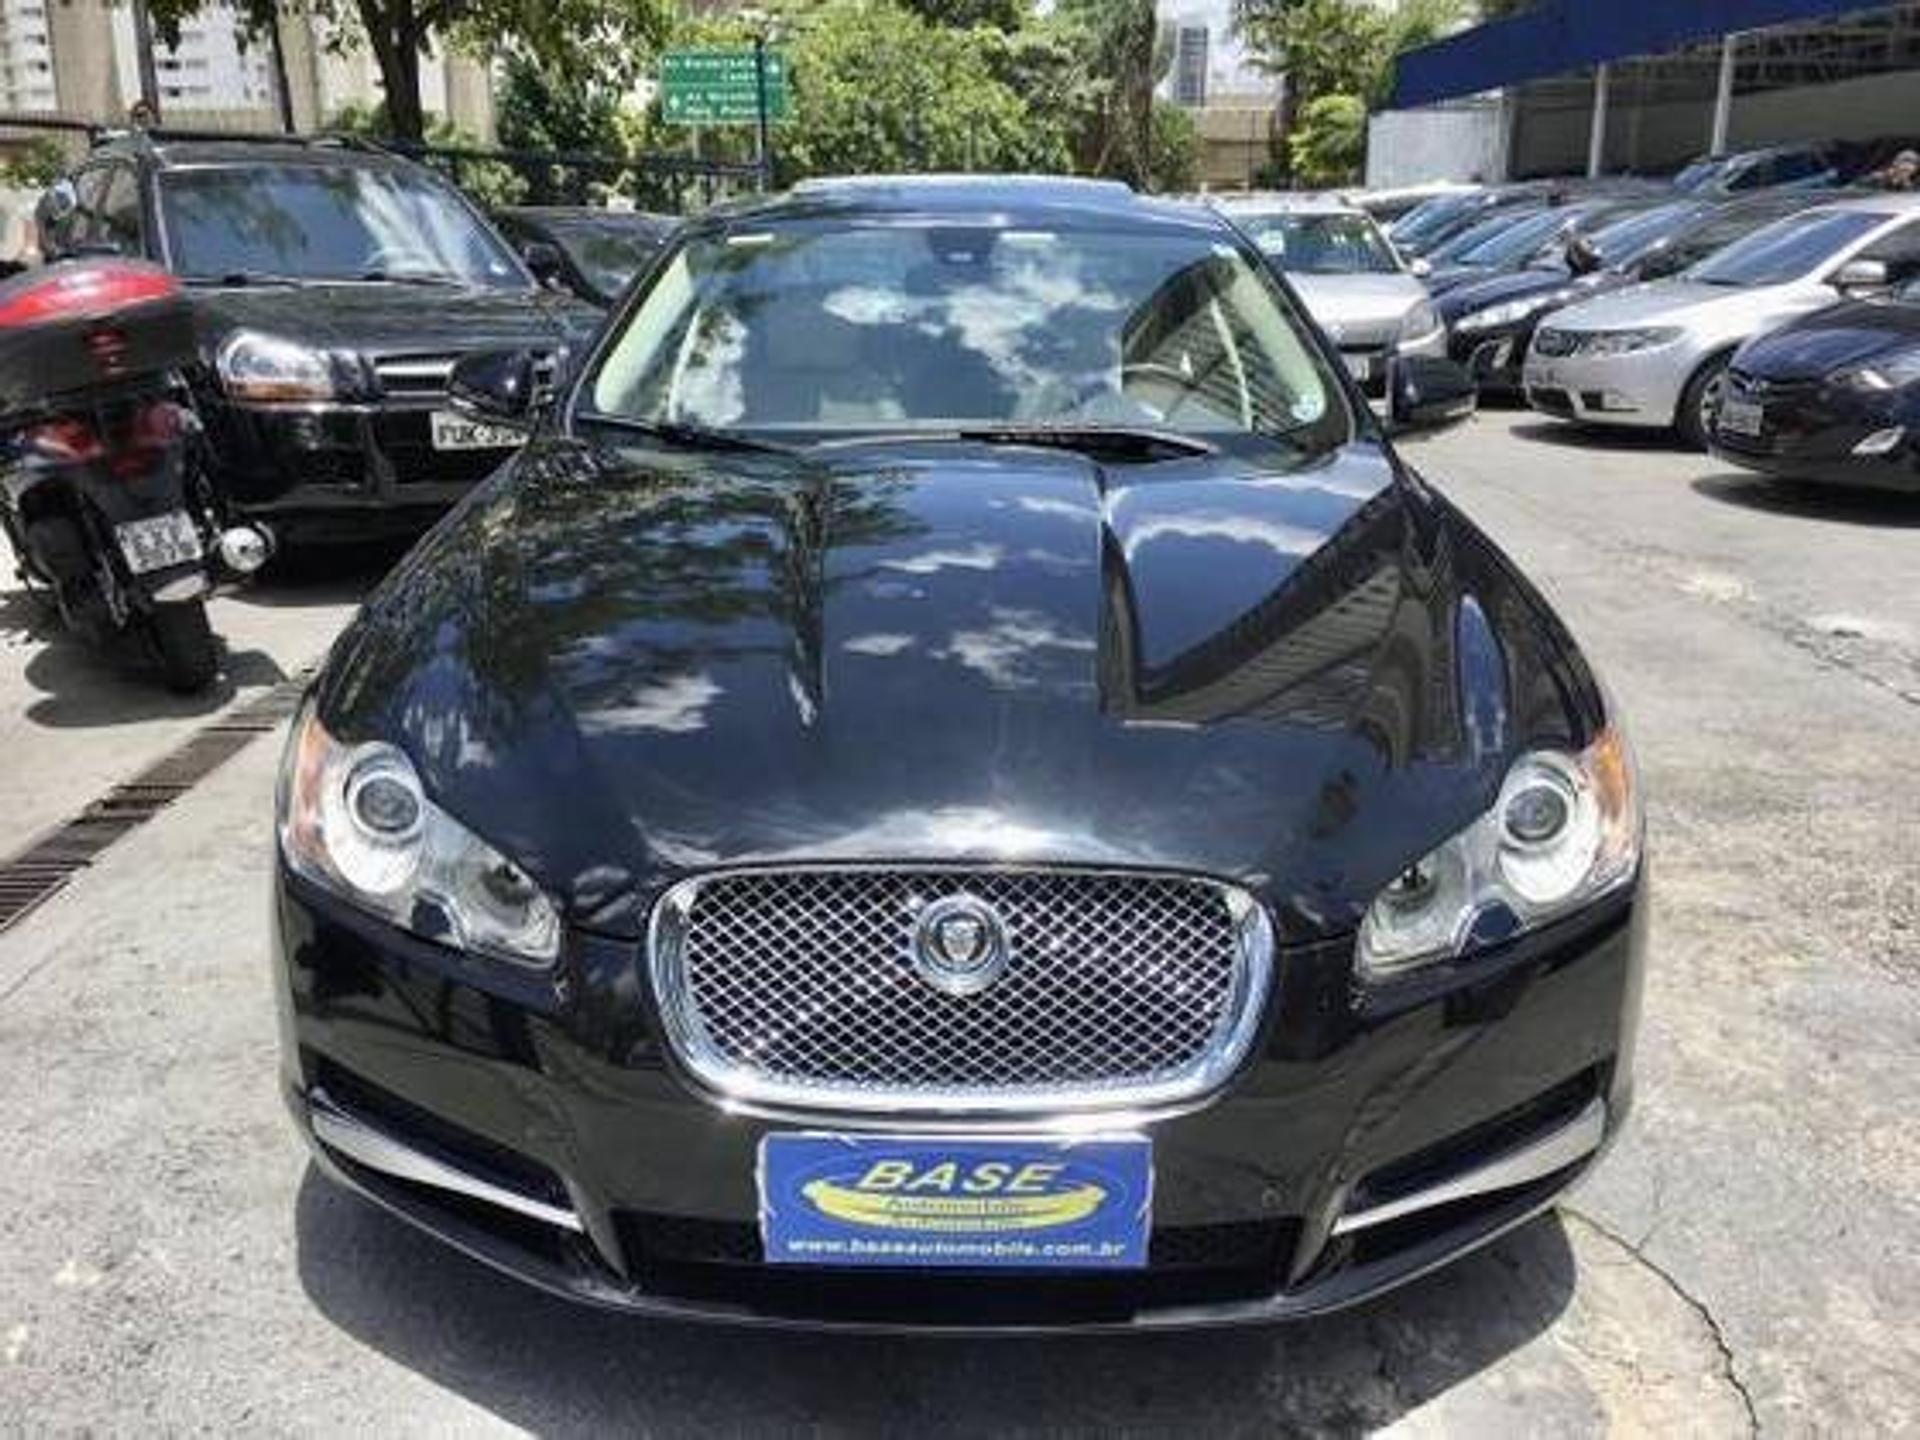 Jaguar Xf 2011 Anúncio Wm